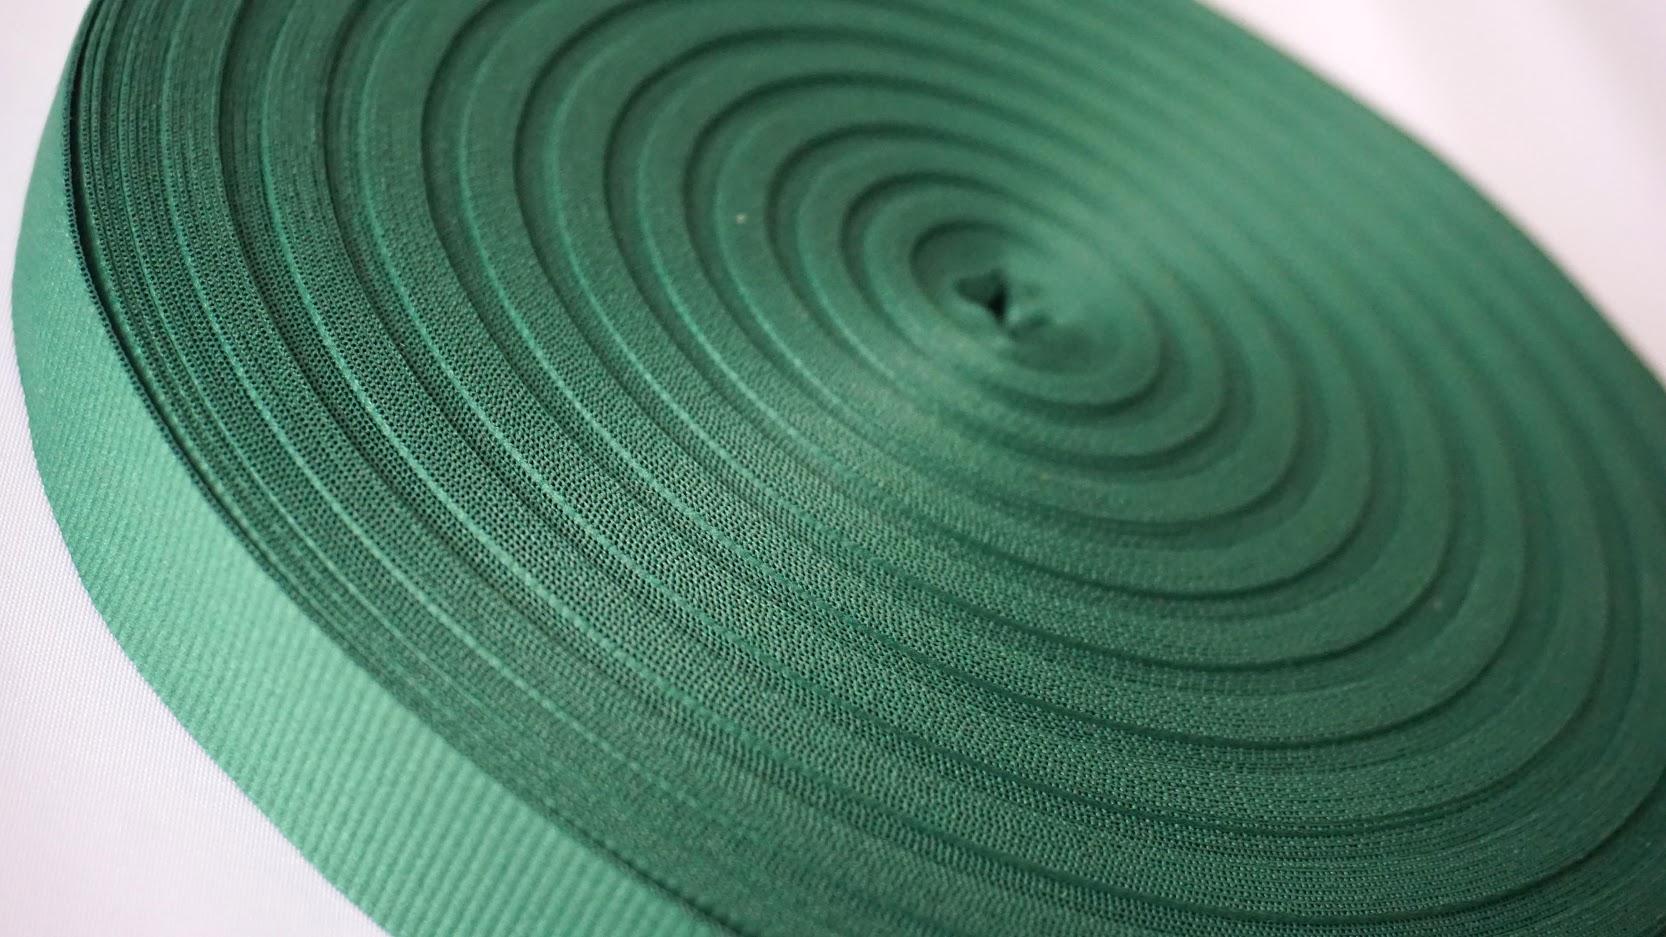 Modrozelena rips traka. Izrada svih vrsta po željenoj dimenziji i boji.